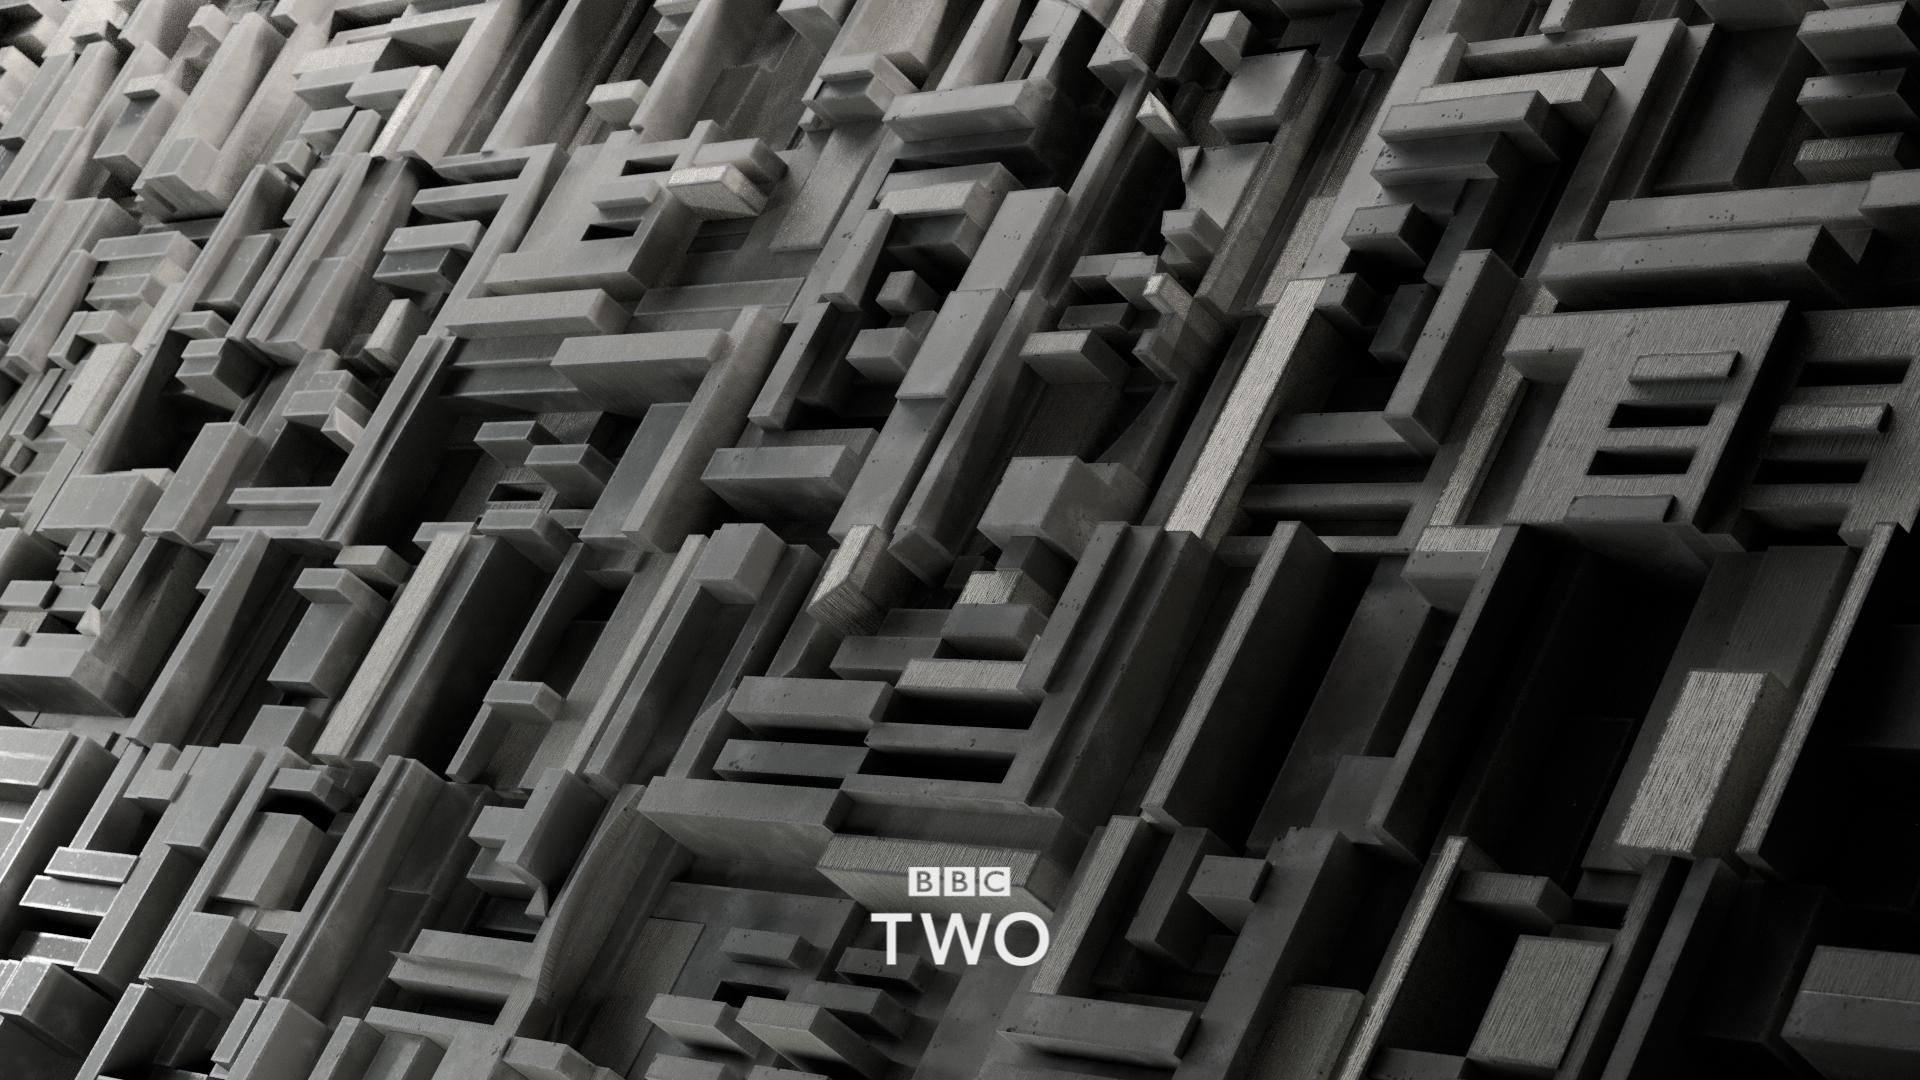 BBC2_RnD_00013.jpg